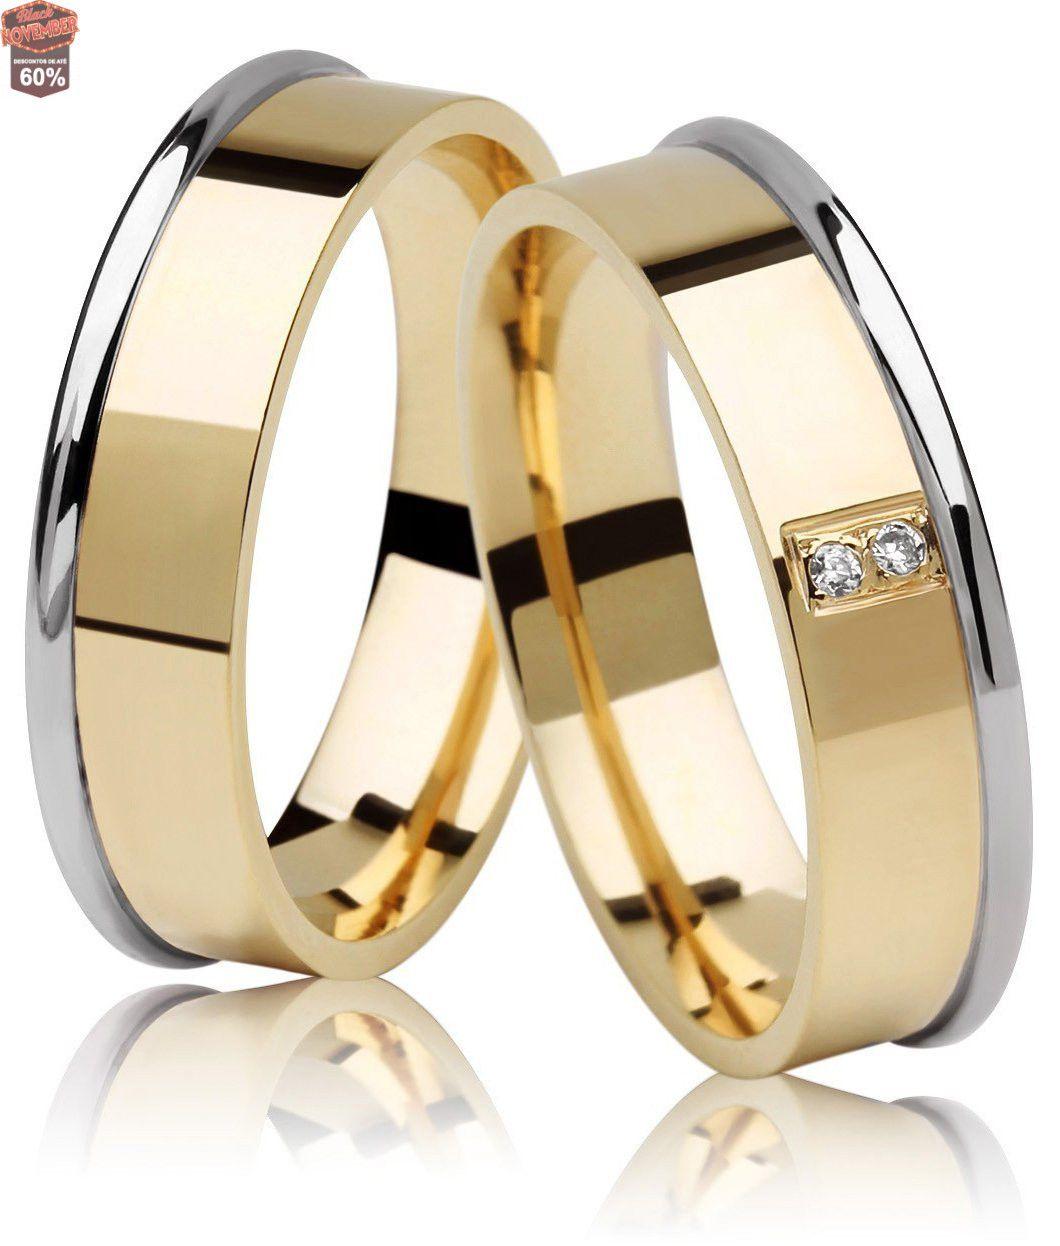 Pin de cardoso em aliança em 2019   Pinterest   Wedding Rings, Wedding e  Rings e54684637a